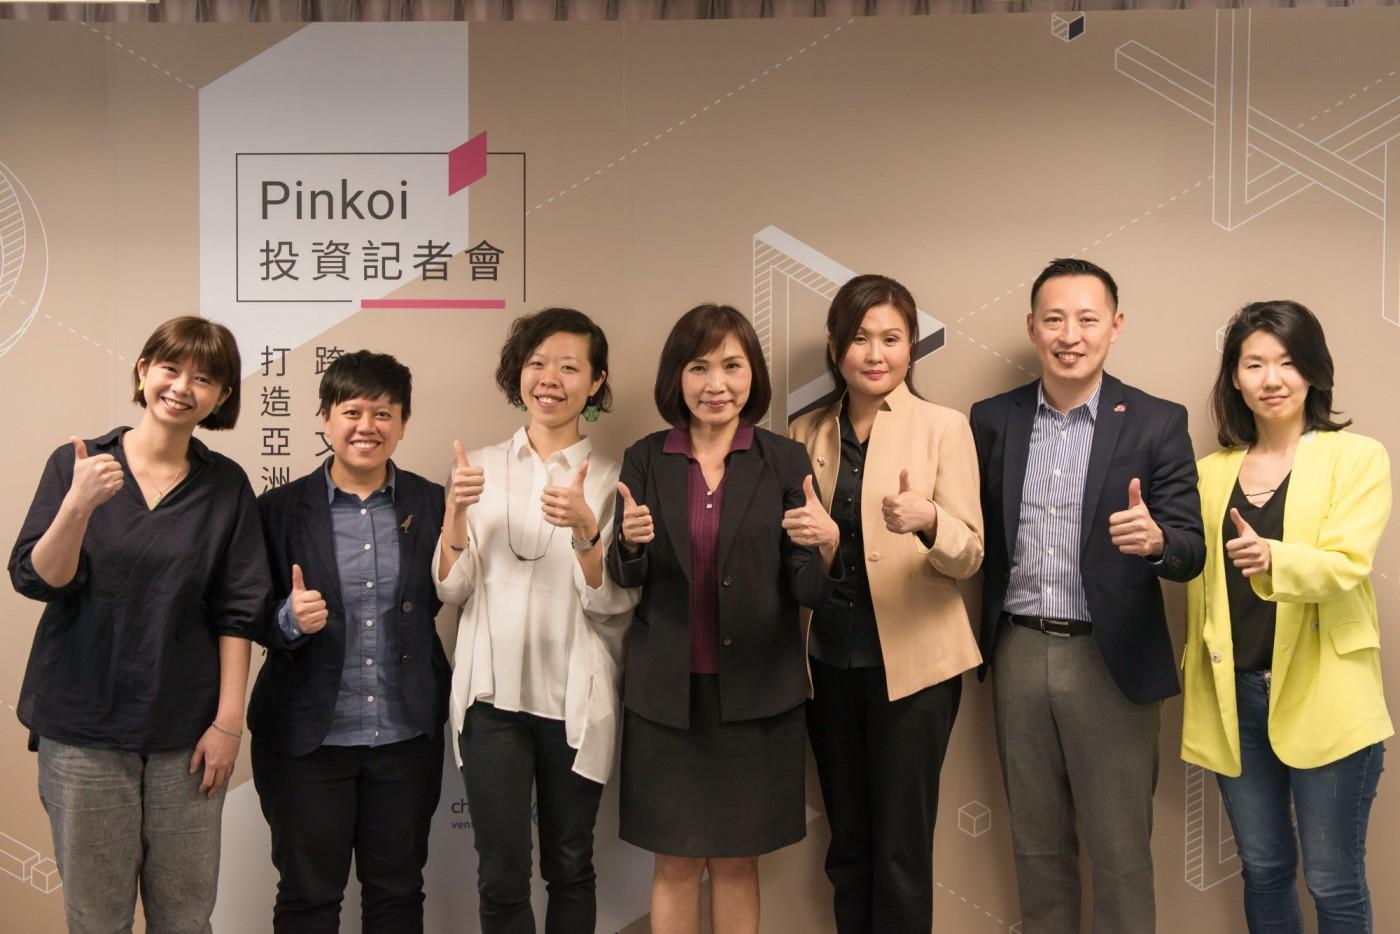 打造台灣設計品牌獨角獸,Pinkoi攜手心元資本成立創投基金